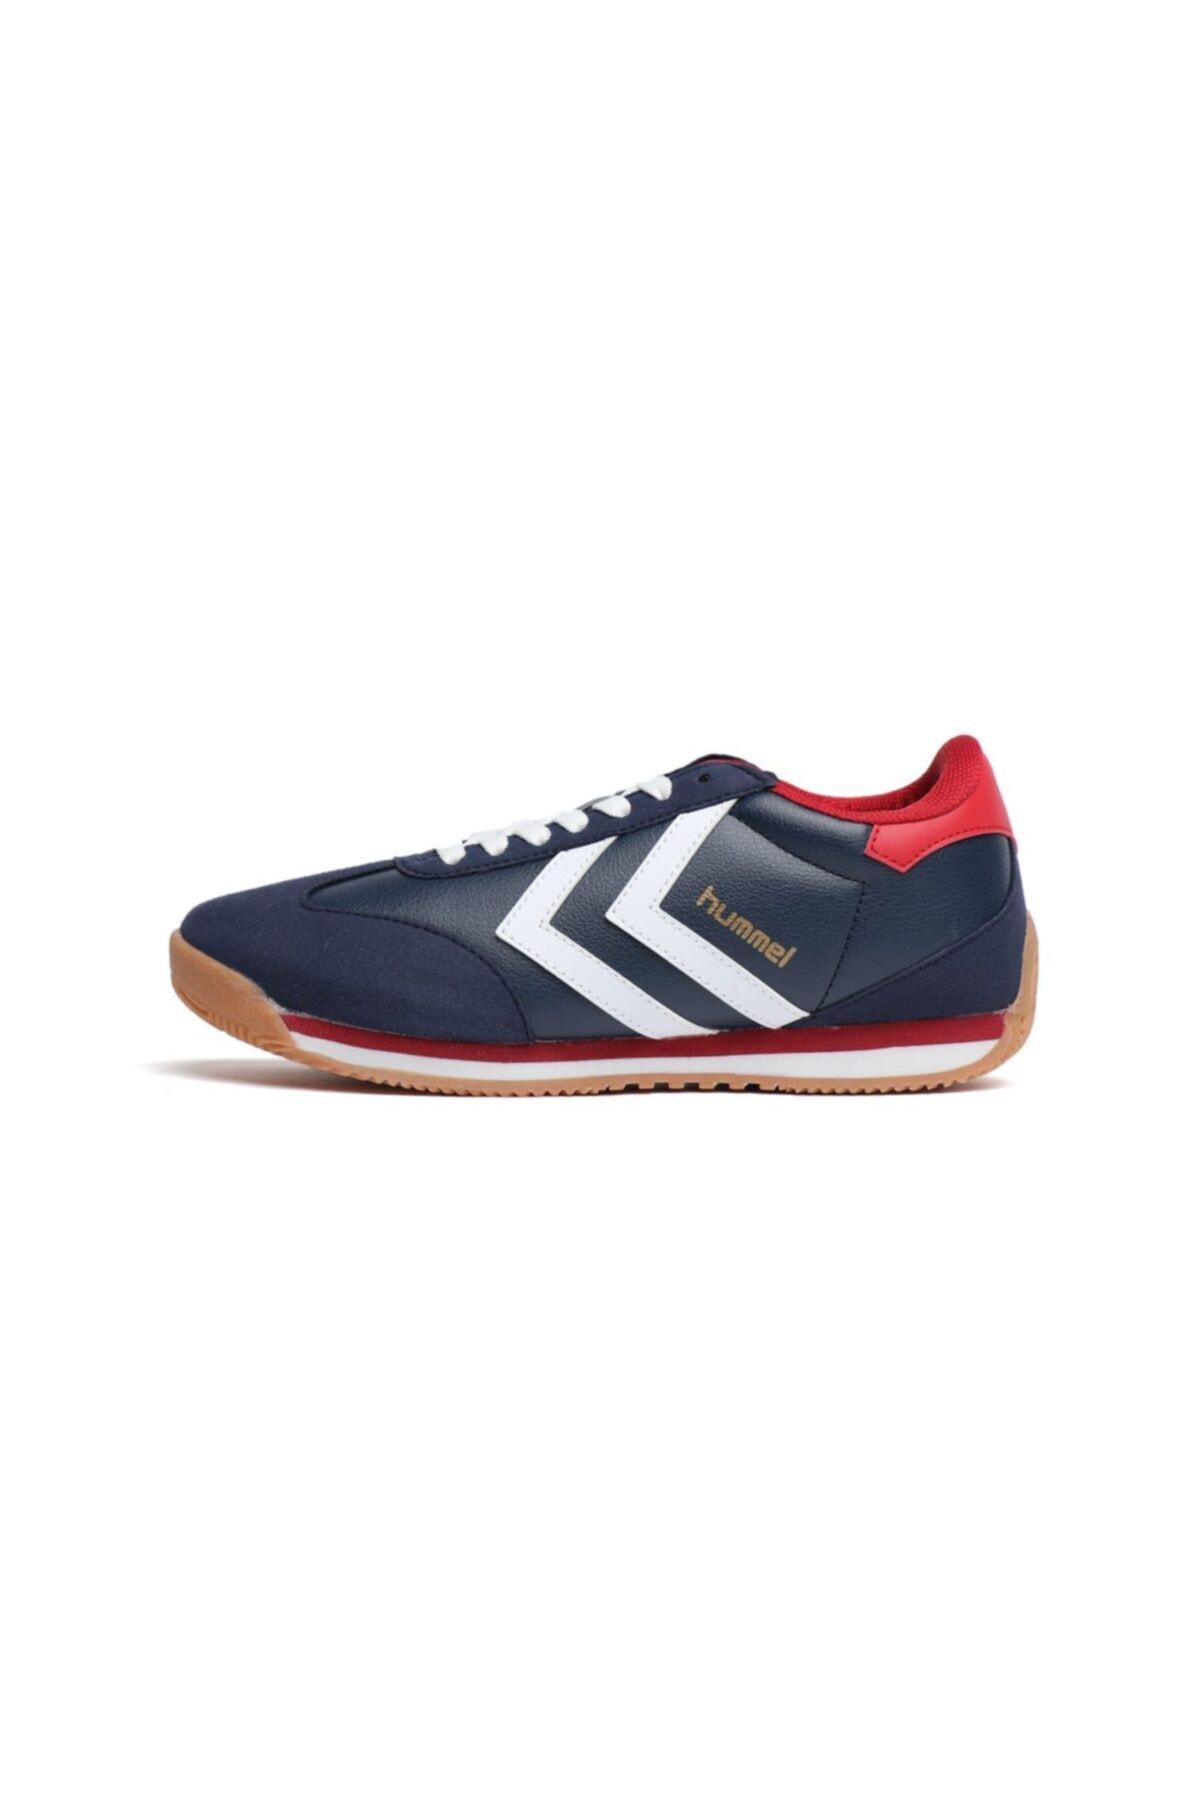 HUMMEL Stadıon Herıtage Multı Unisex Spor Ayakkabı 1